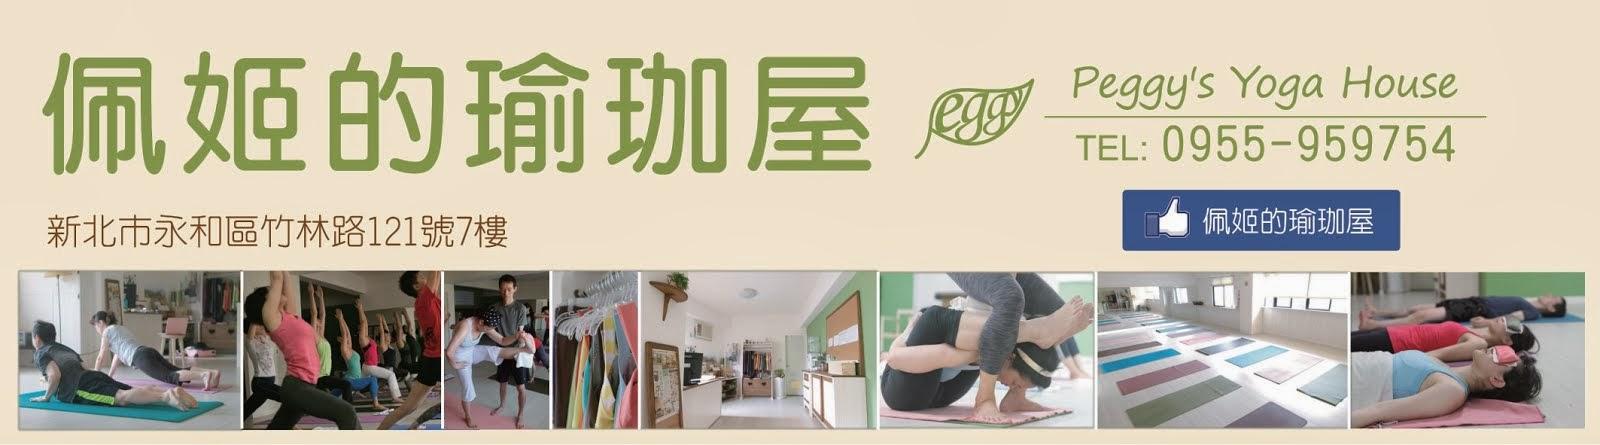 永和---佩姬的瑜珈屋(Peggy's Yoga House)